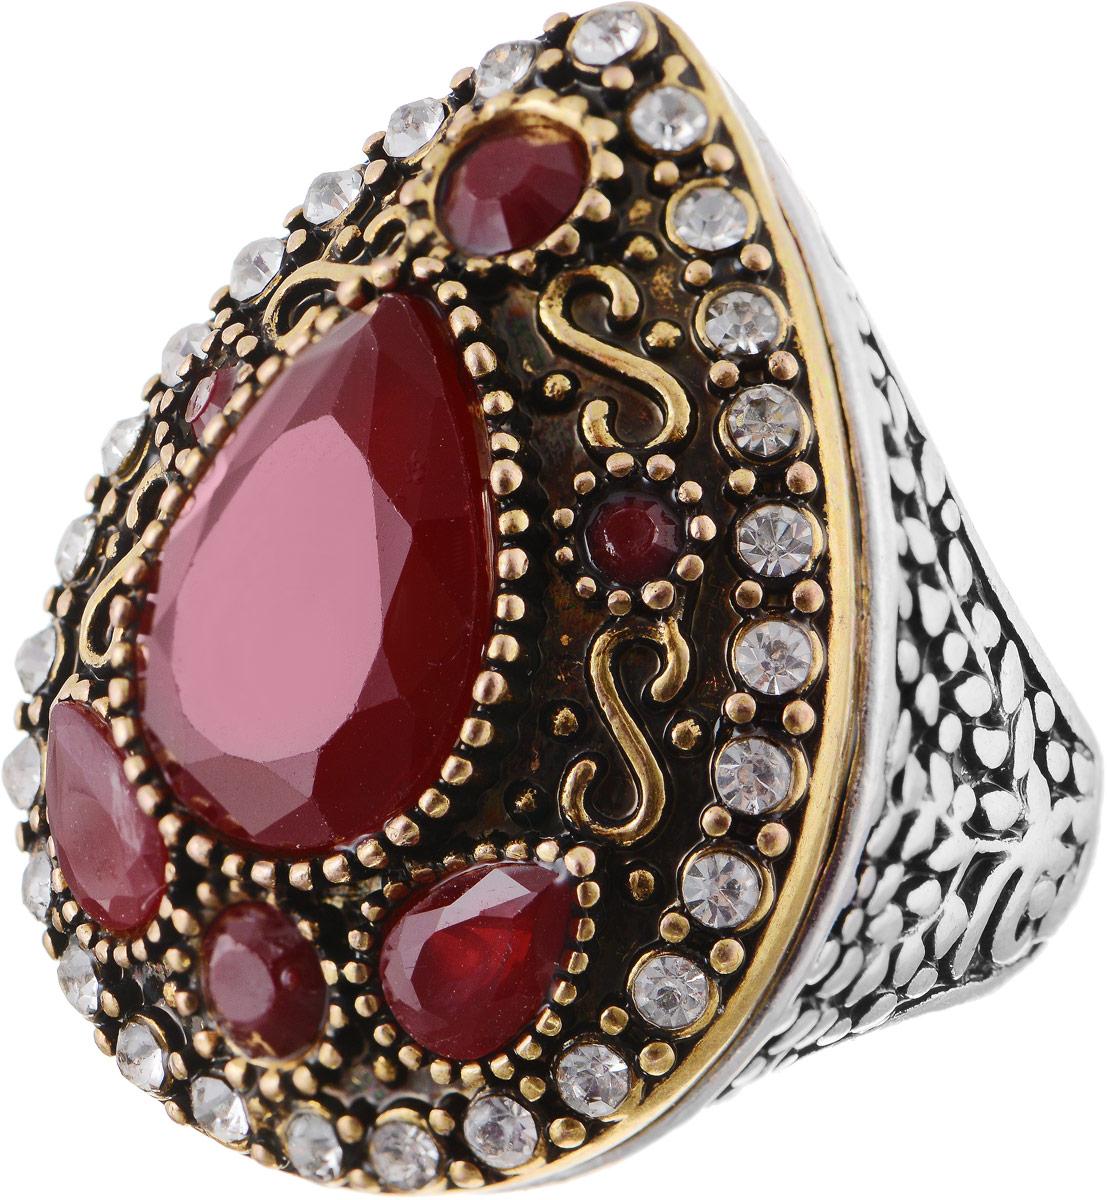 Кольцо Bradex Кармен, цвет: золотой, серебряный, бордовый. AS 0015. Размер 17AS 0016Кольцо Bradex Кармен выполнено из металлического сплава. Декоративный элемент выполнен в форме капли, оформленной вставками из искусственных камней и страз.